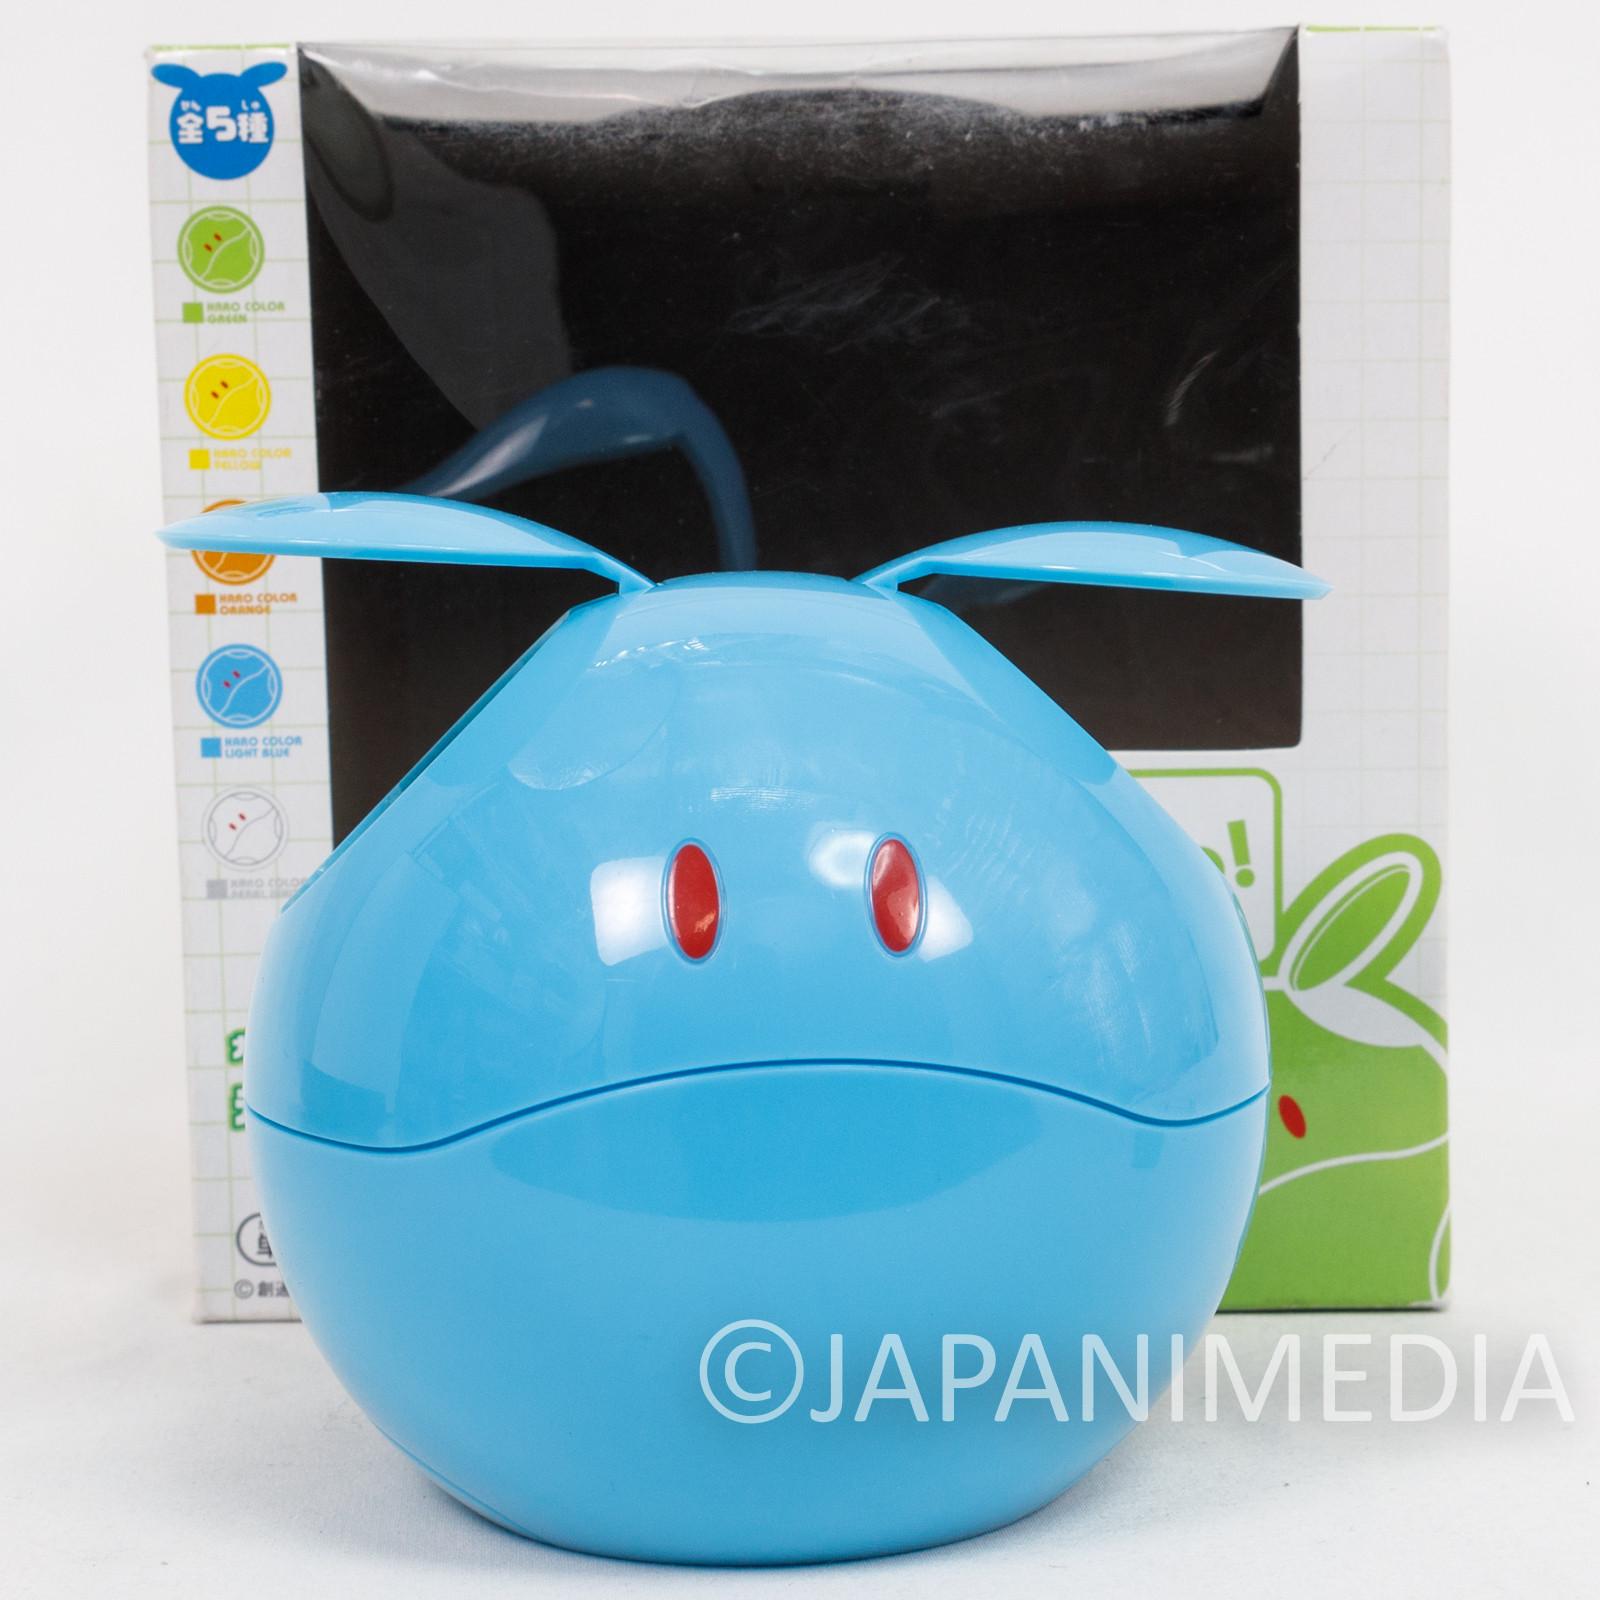 Gundam Mascot Robot Haro Figure Calculator Blue Ver. JAPAN ANIME MANGA